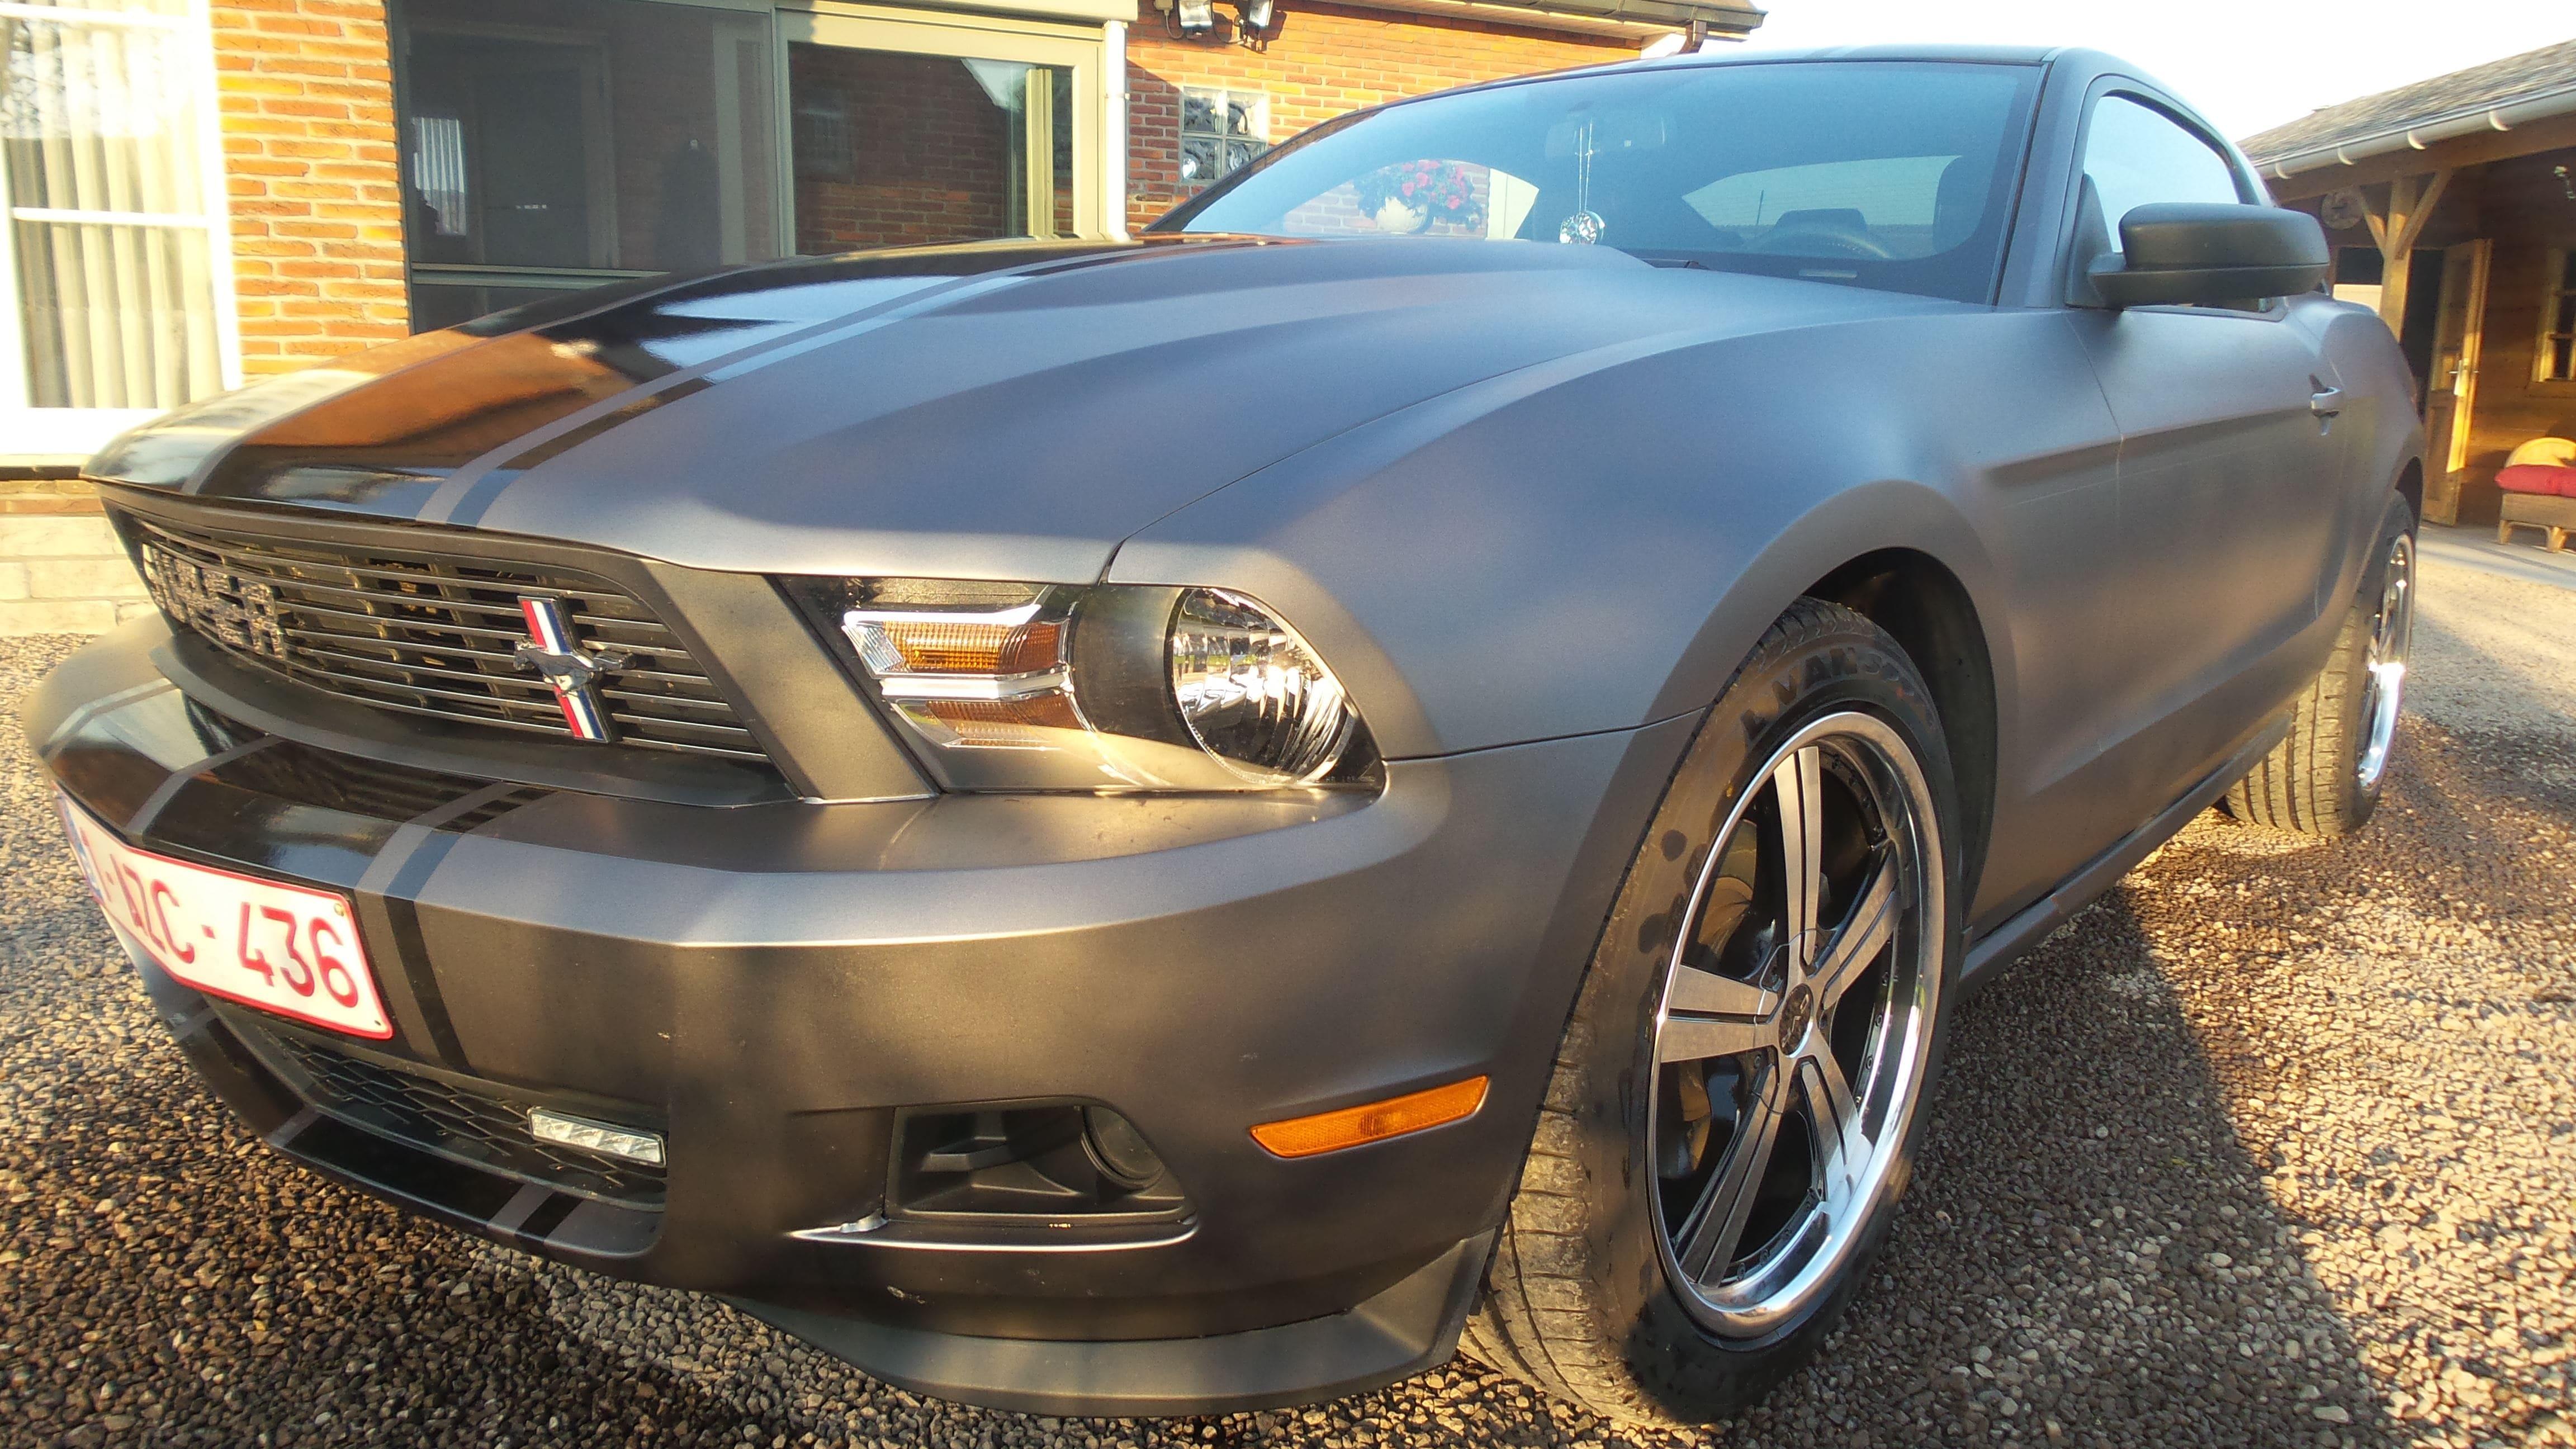 Ford Mustang 2009 met Gunpowder Wrap, Carwrapping door Wrapmyride.nu Foto-nr:5808, ©2021